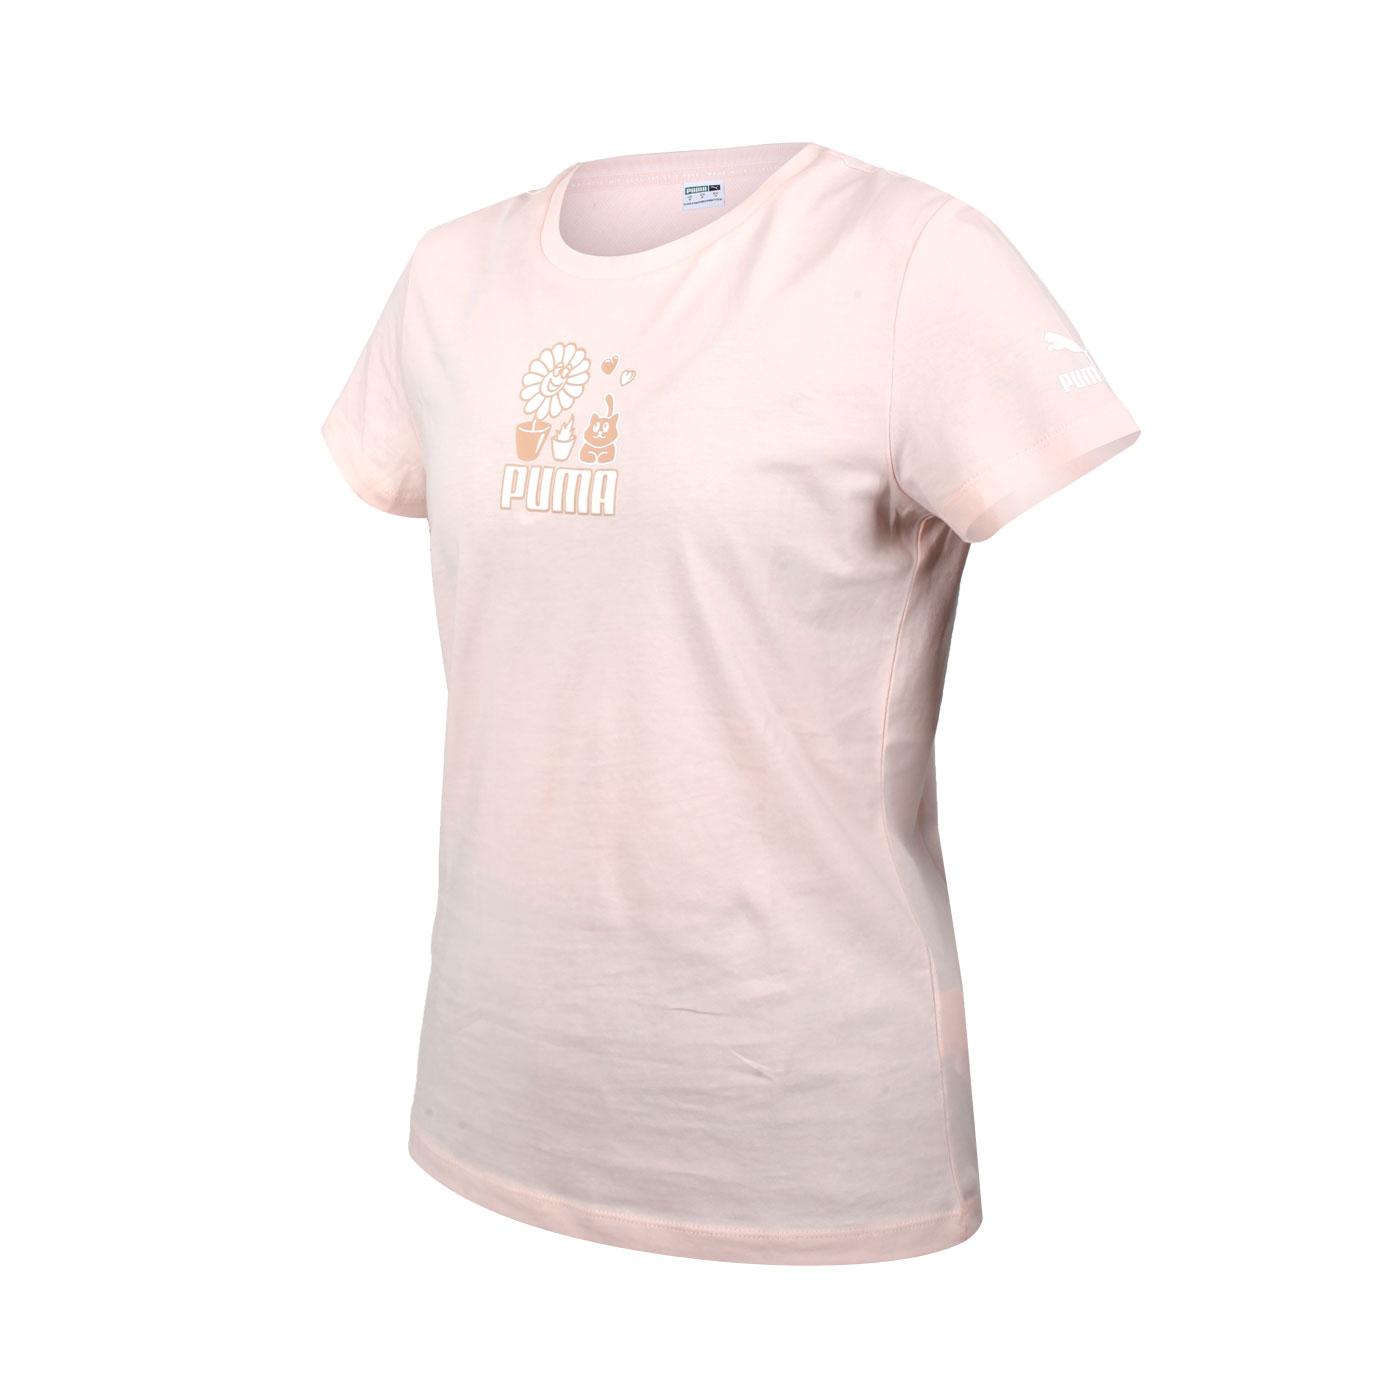 PUMA 女款短袖T恤 53255227